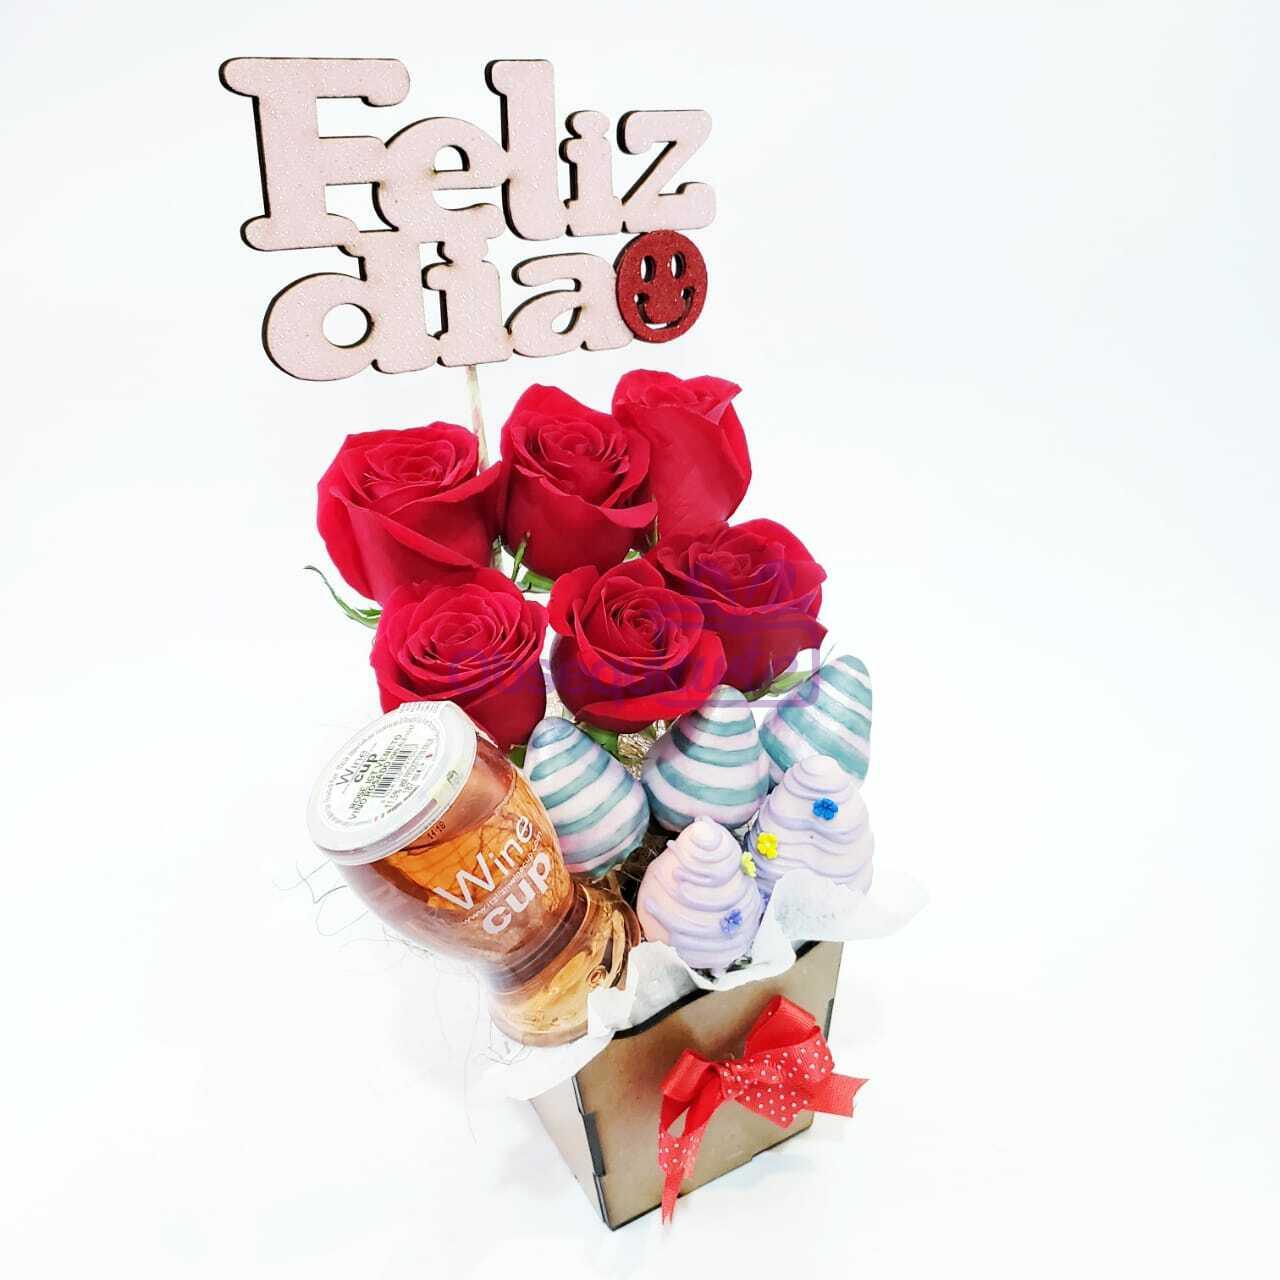 El Regalo Chic Vino con Fresas y Rosas es una original opción de regalo para quienes buscan algo elegante y diferente para regalar.